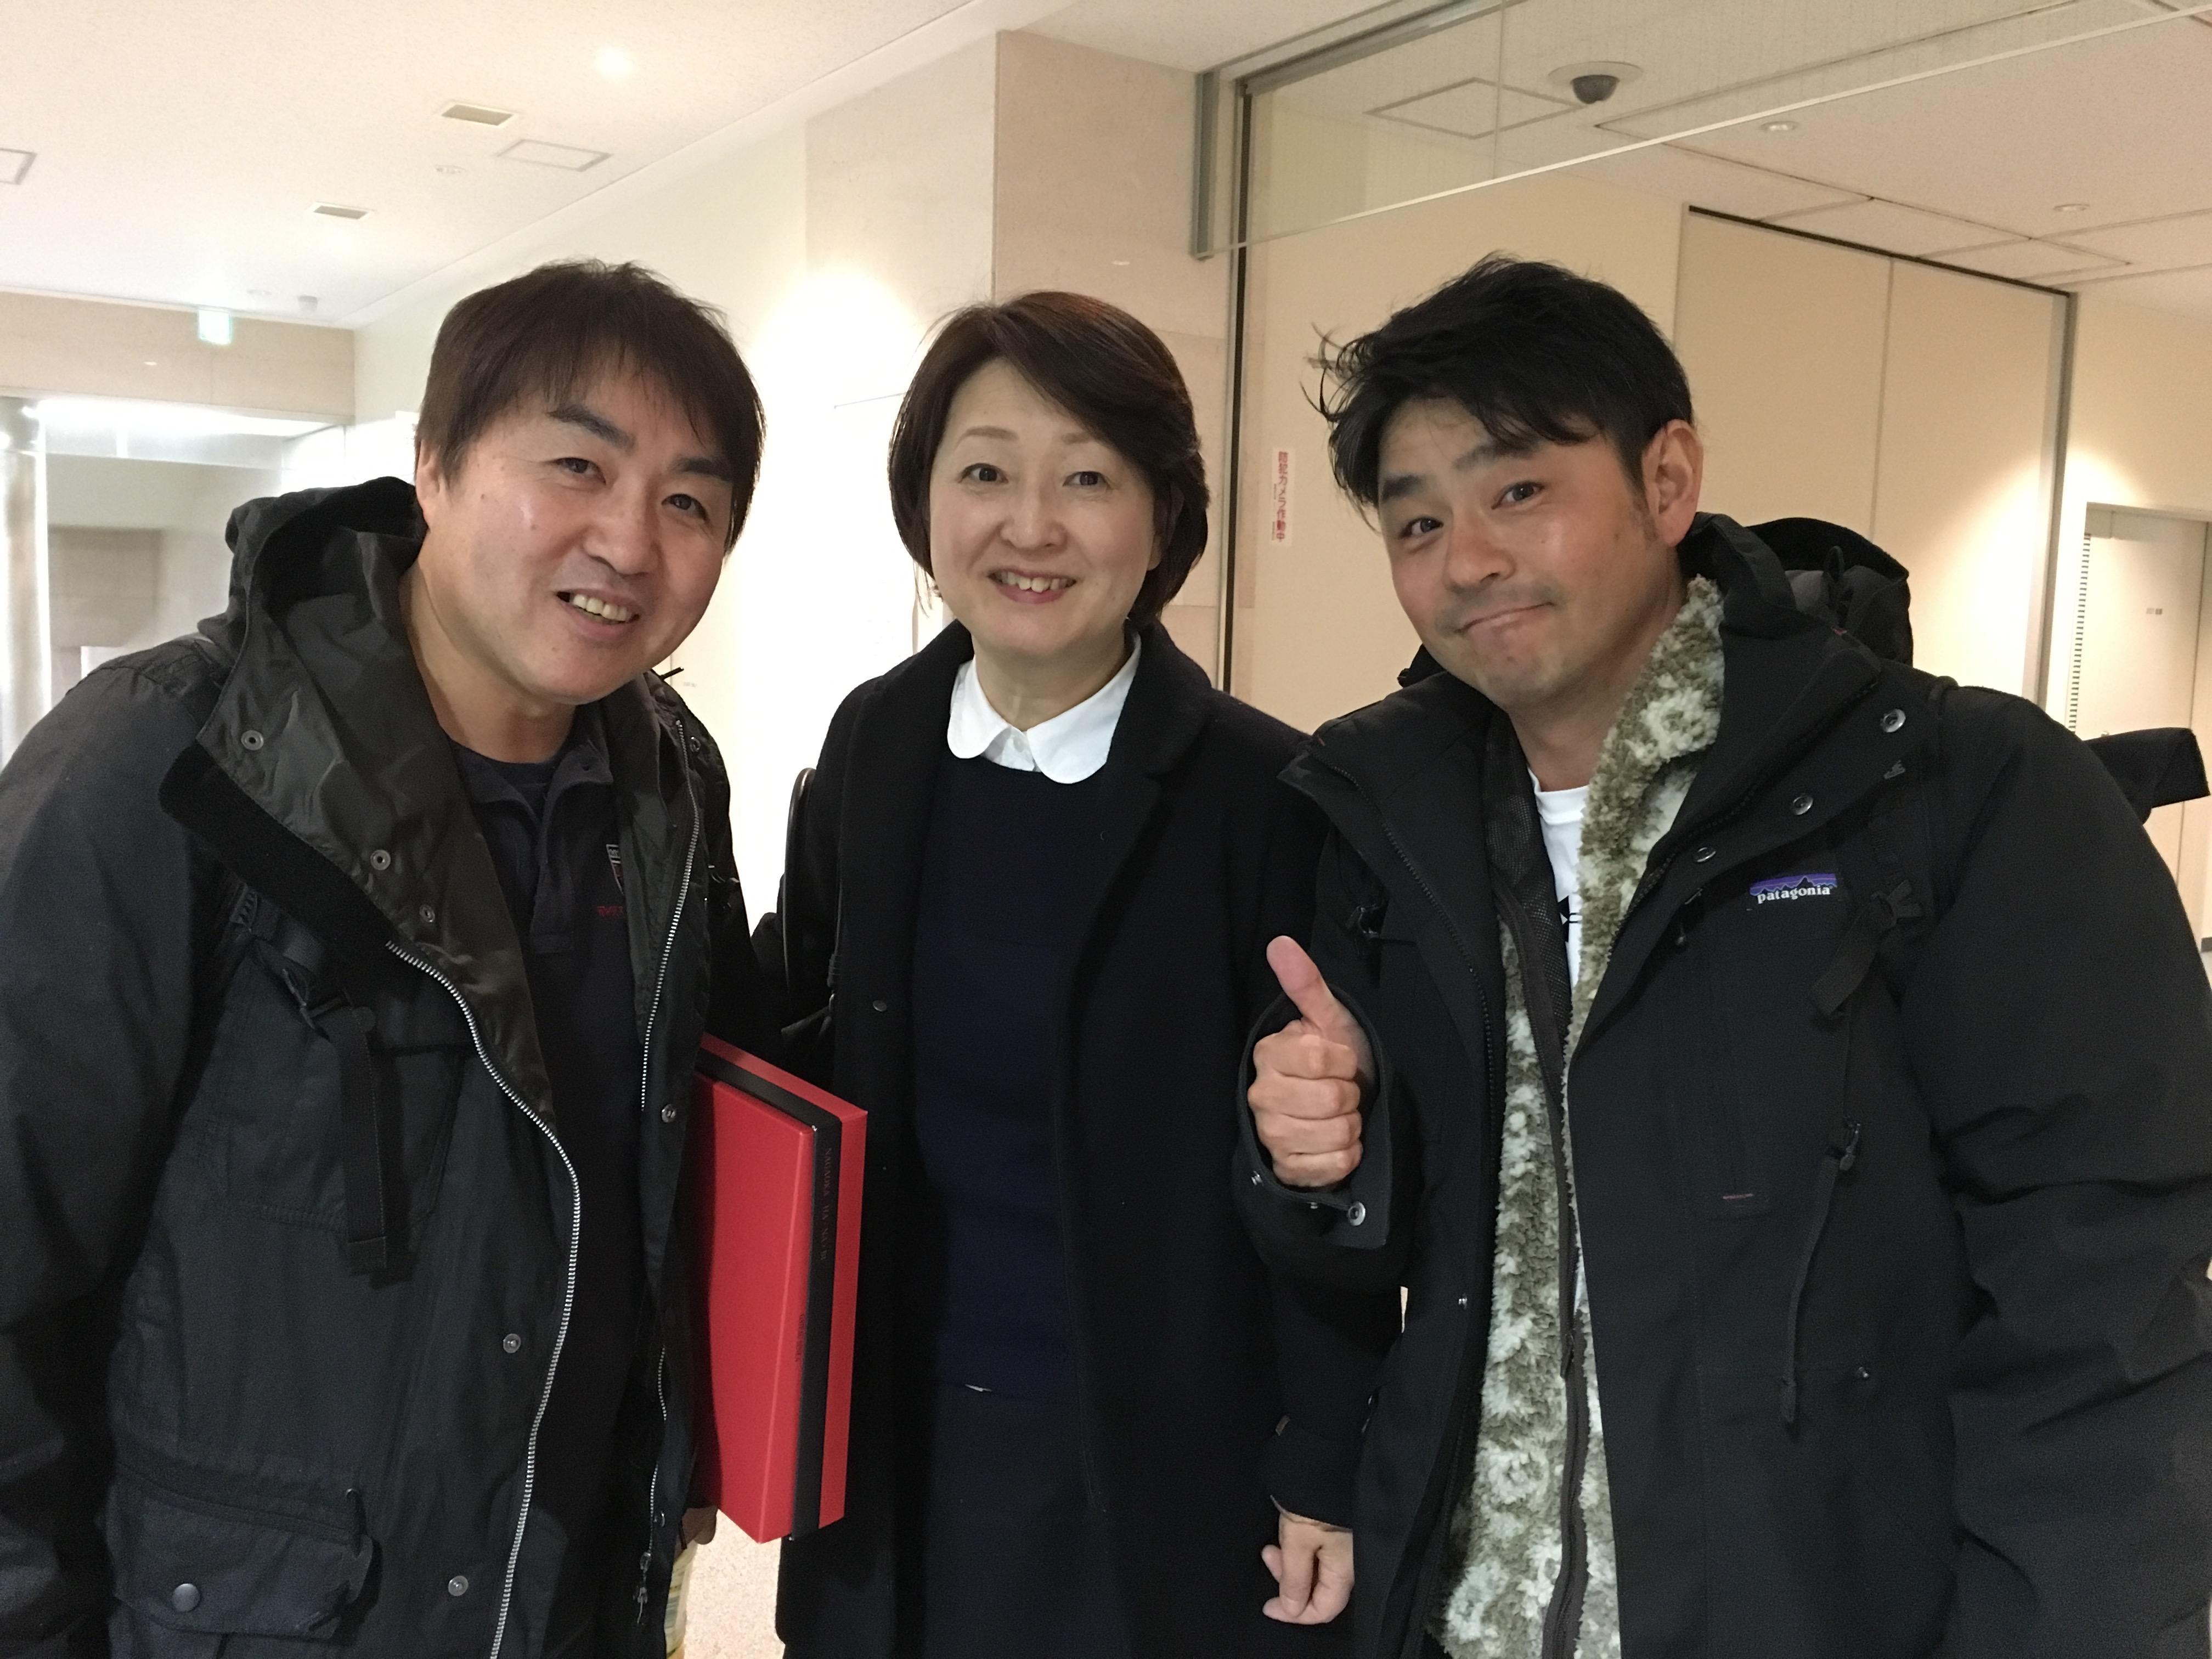 介護アドバイザー青山幸広さんの楽技介護術セミナー参加レポ!